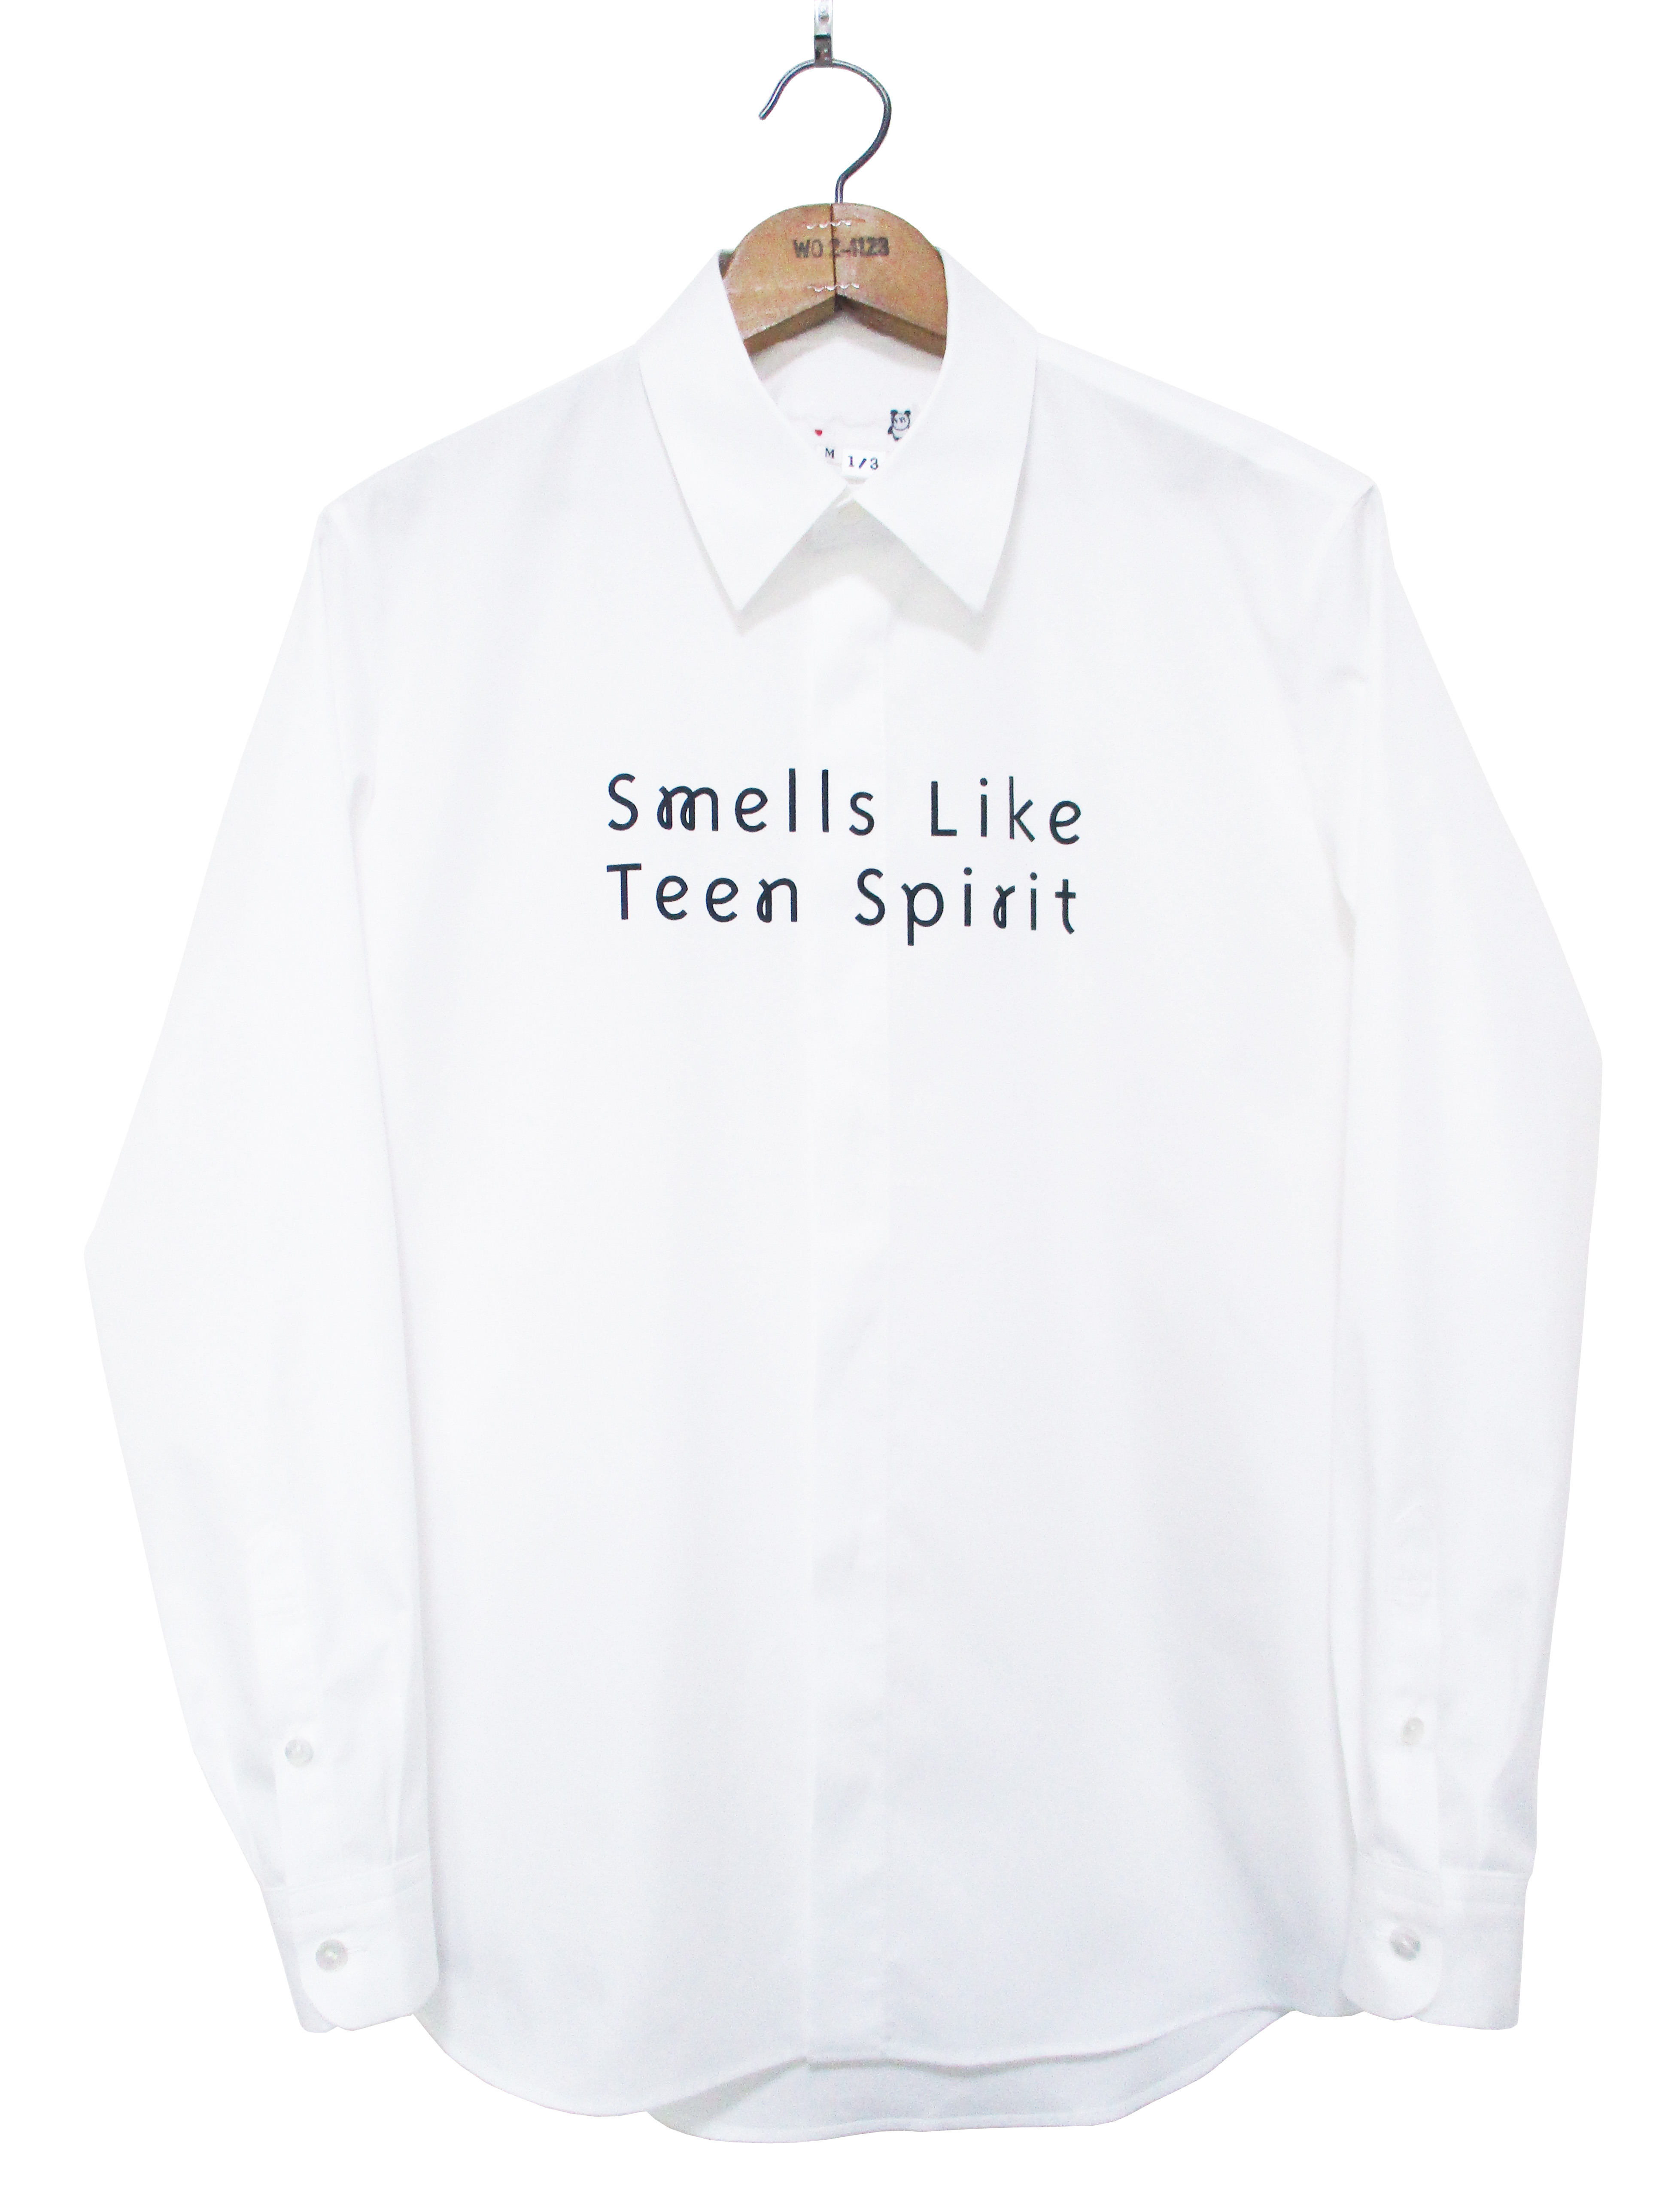 メンズ、ロゴ、メッセージ、長袖、シャツ